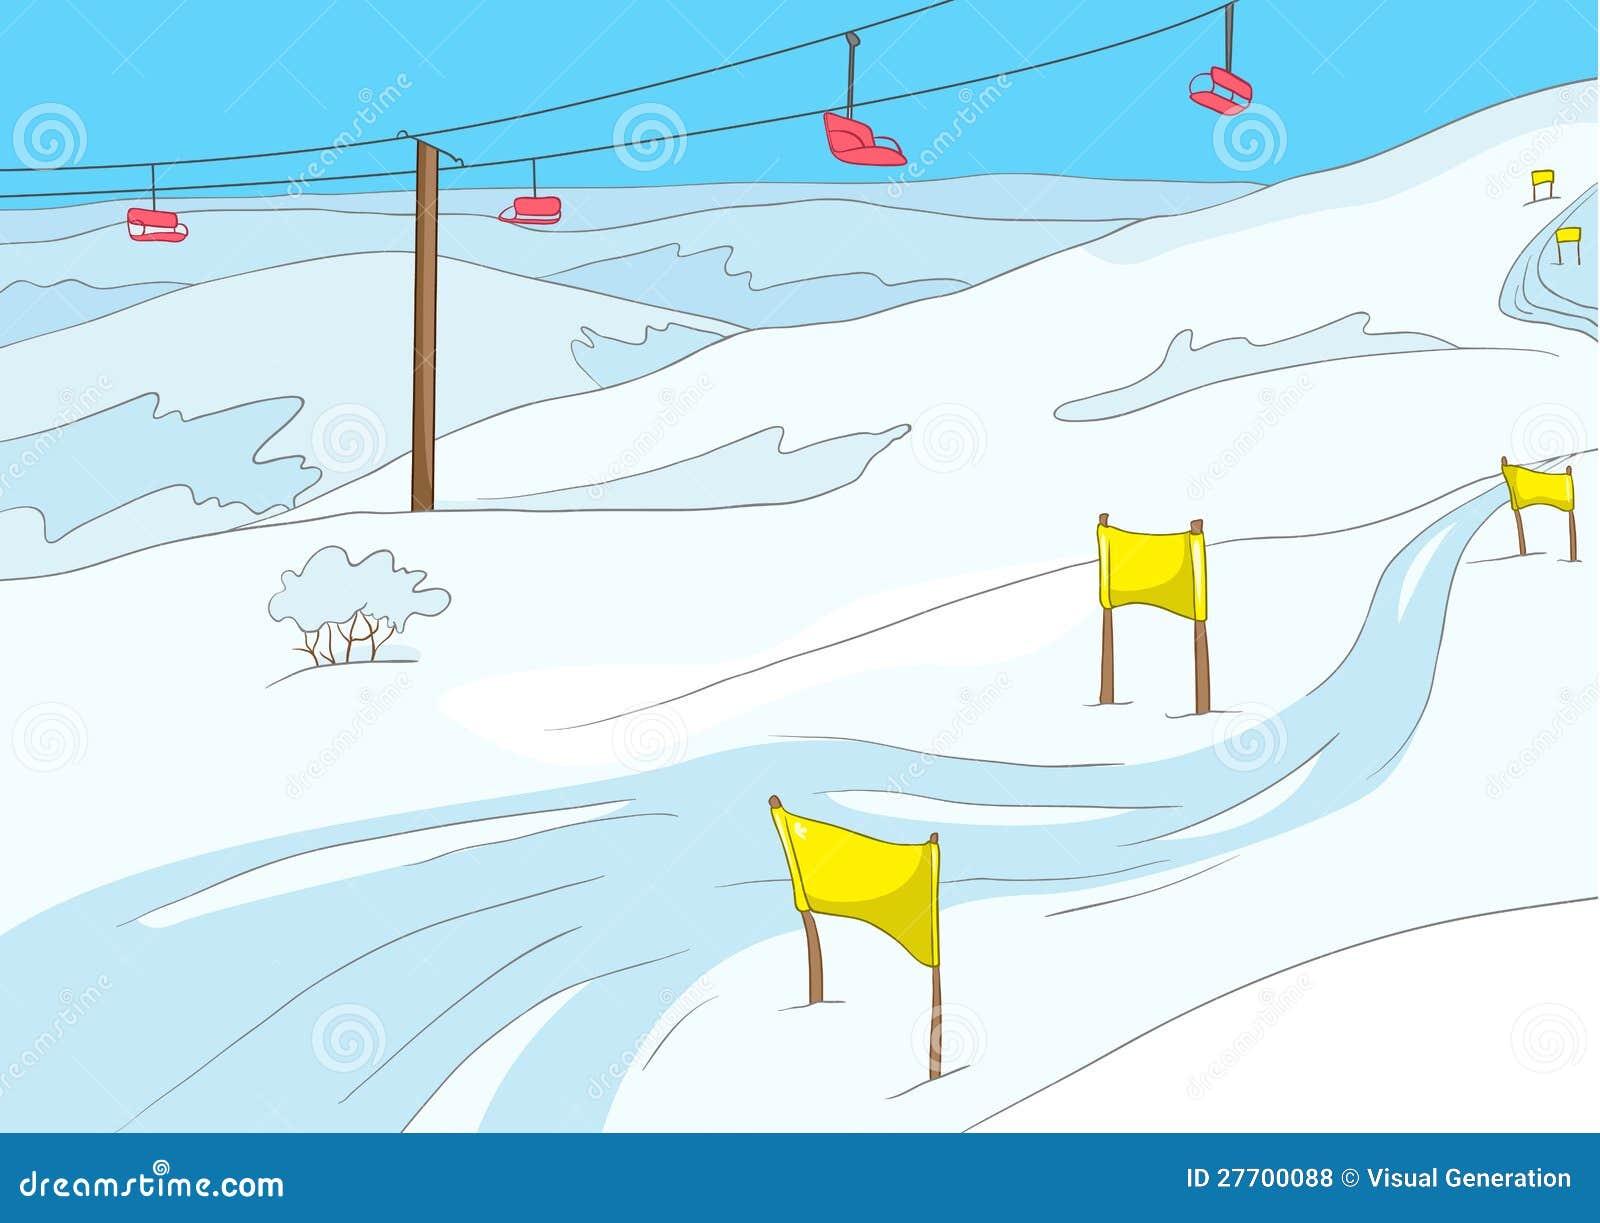 Ski resort business plan